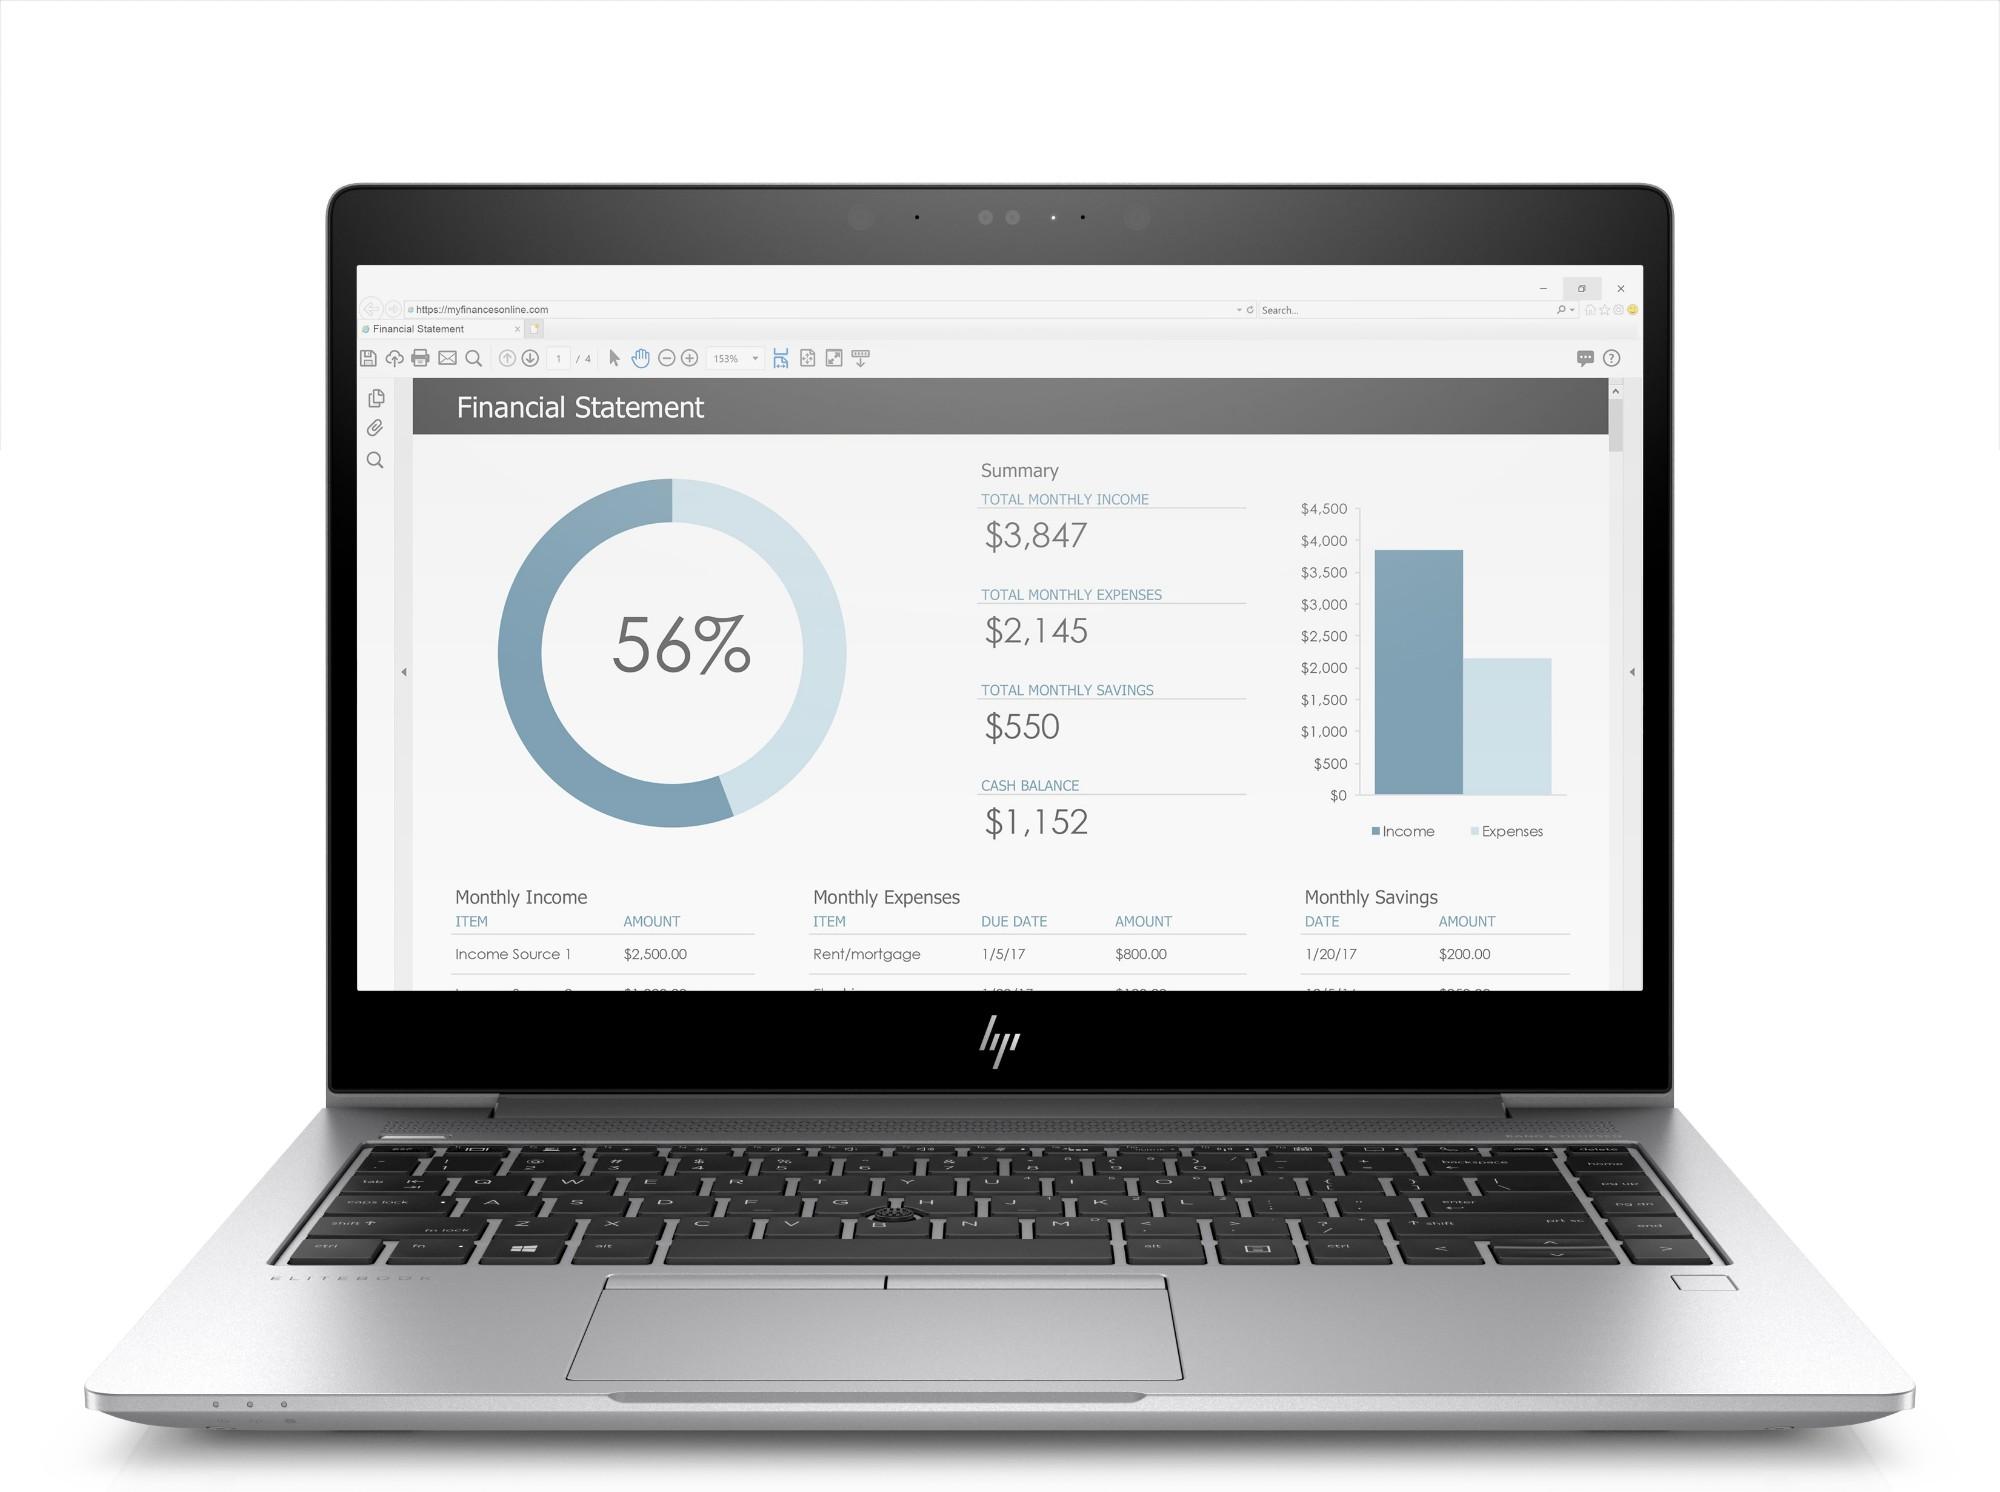 HP EliteBook 755 G5 3UP41EA#ABU AMD Ryzen 7 2700U 8GB 256GB SSD 15.6IN FHD Win 10 Pro